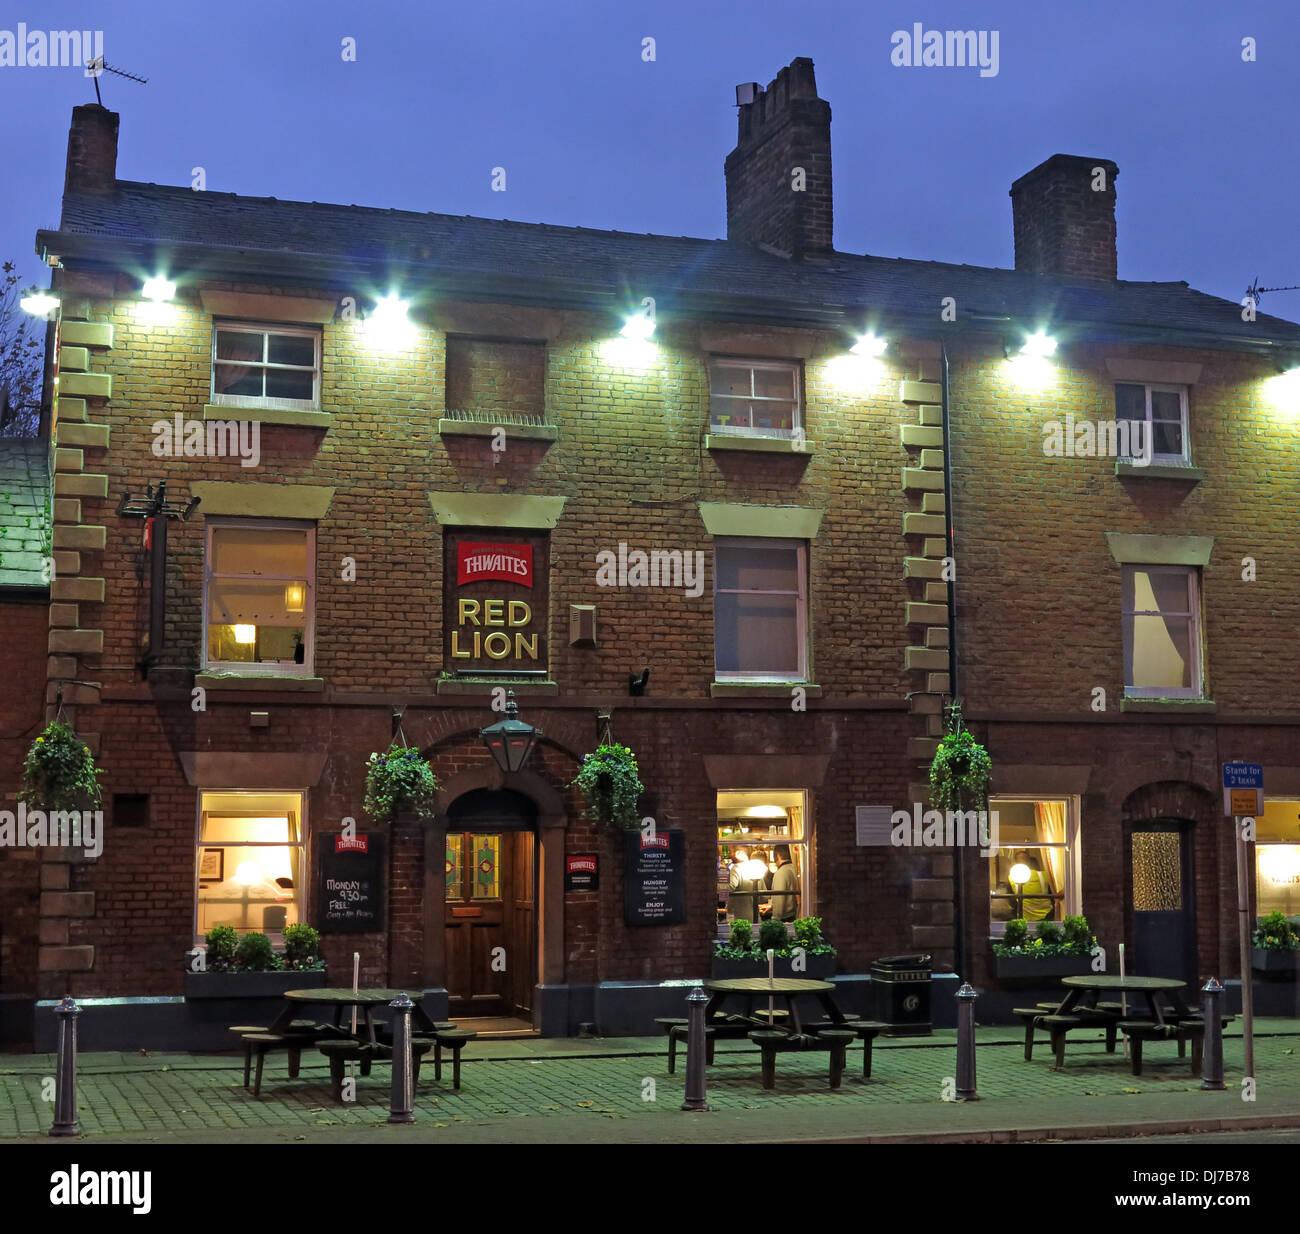 Laden Sie dieses Alamy Stockfoto Thwaites traditionelle Red Lion englischen Pub in Stockton Heide Warrington Cheshire, England, UK in der Abenddämmerung - DJ7B78